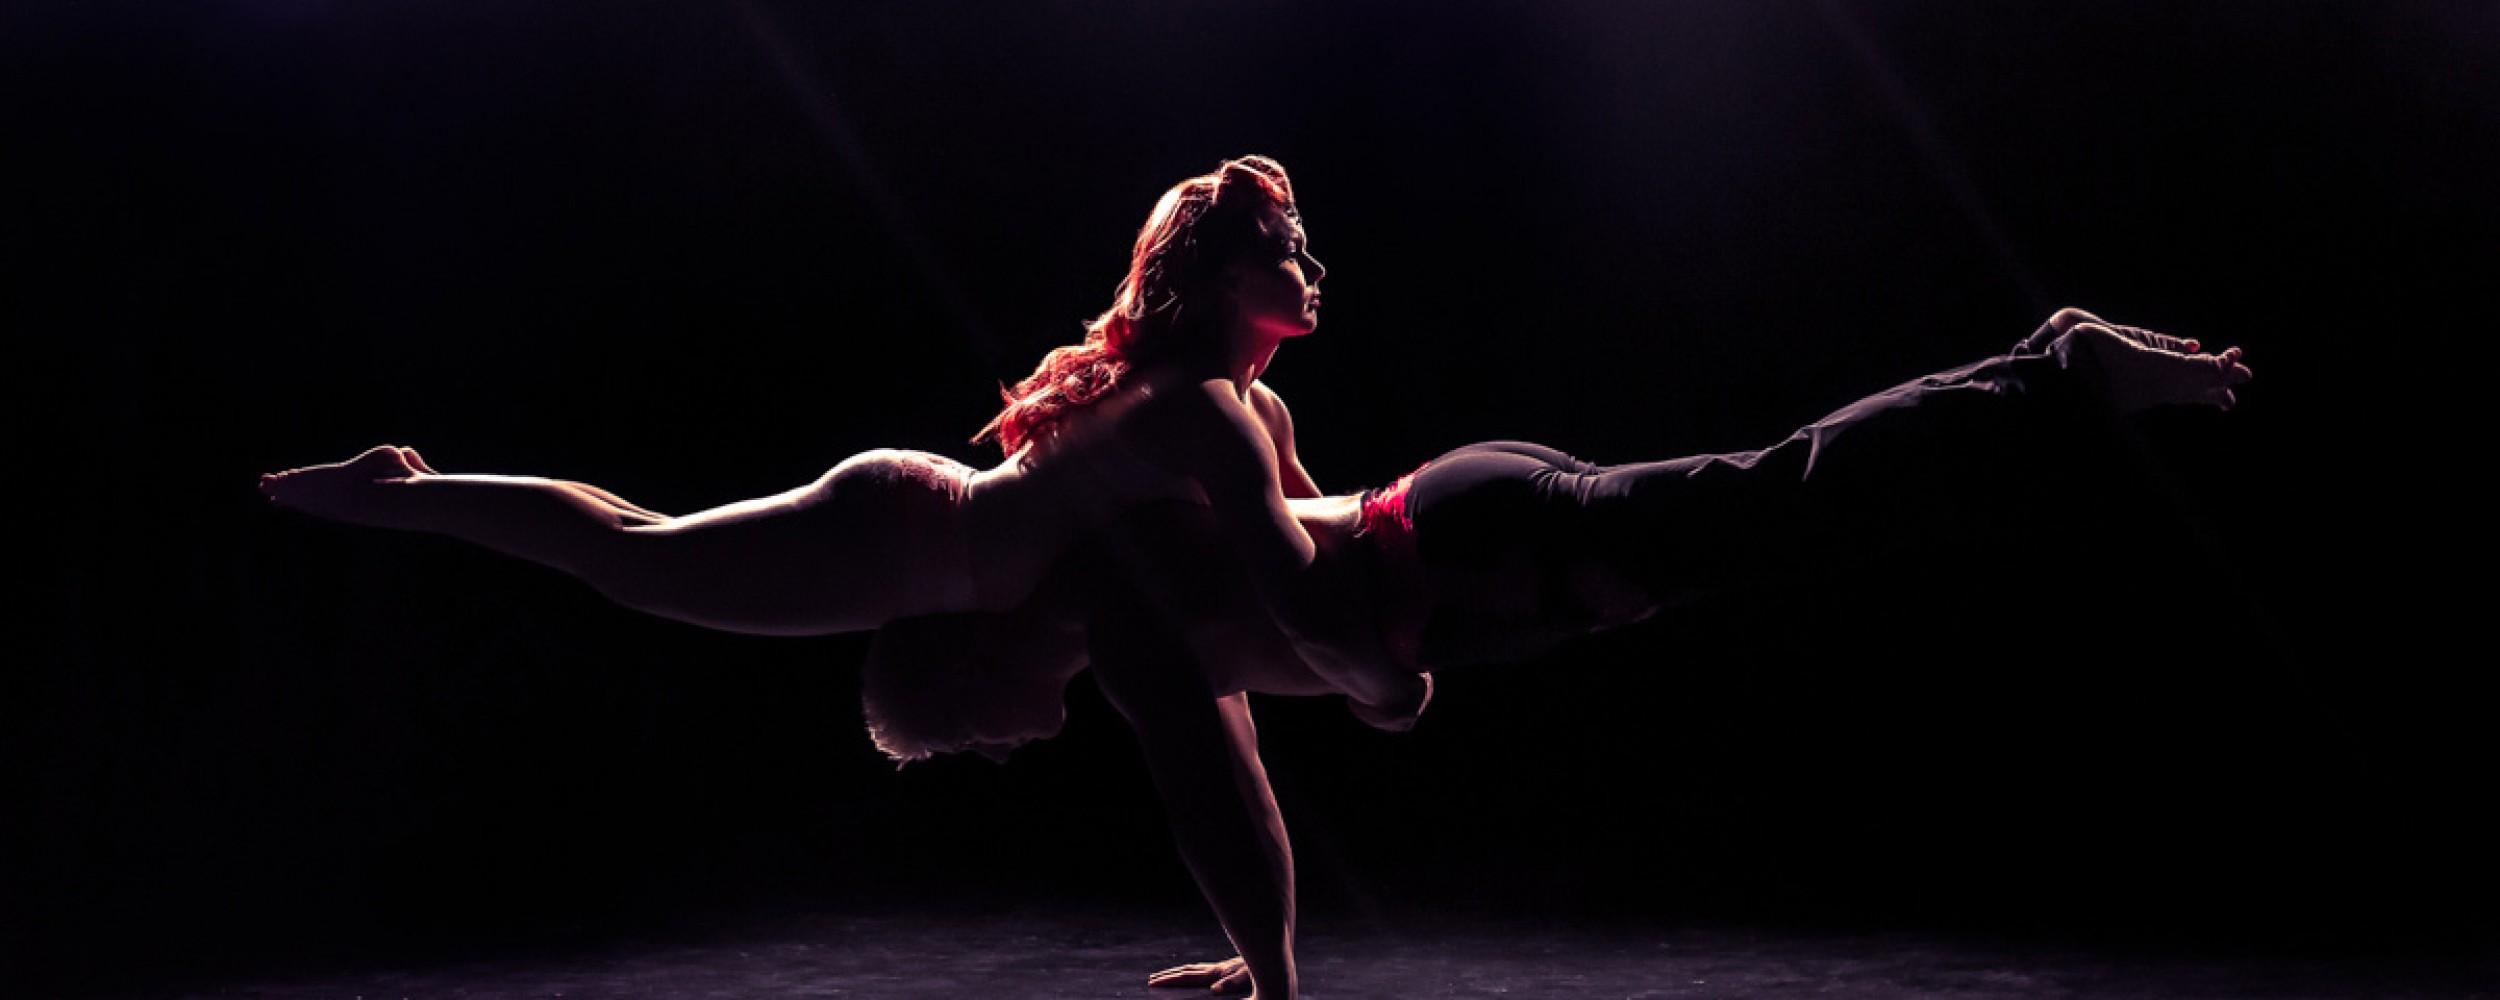 miss acrolicious burleski artisti